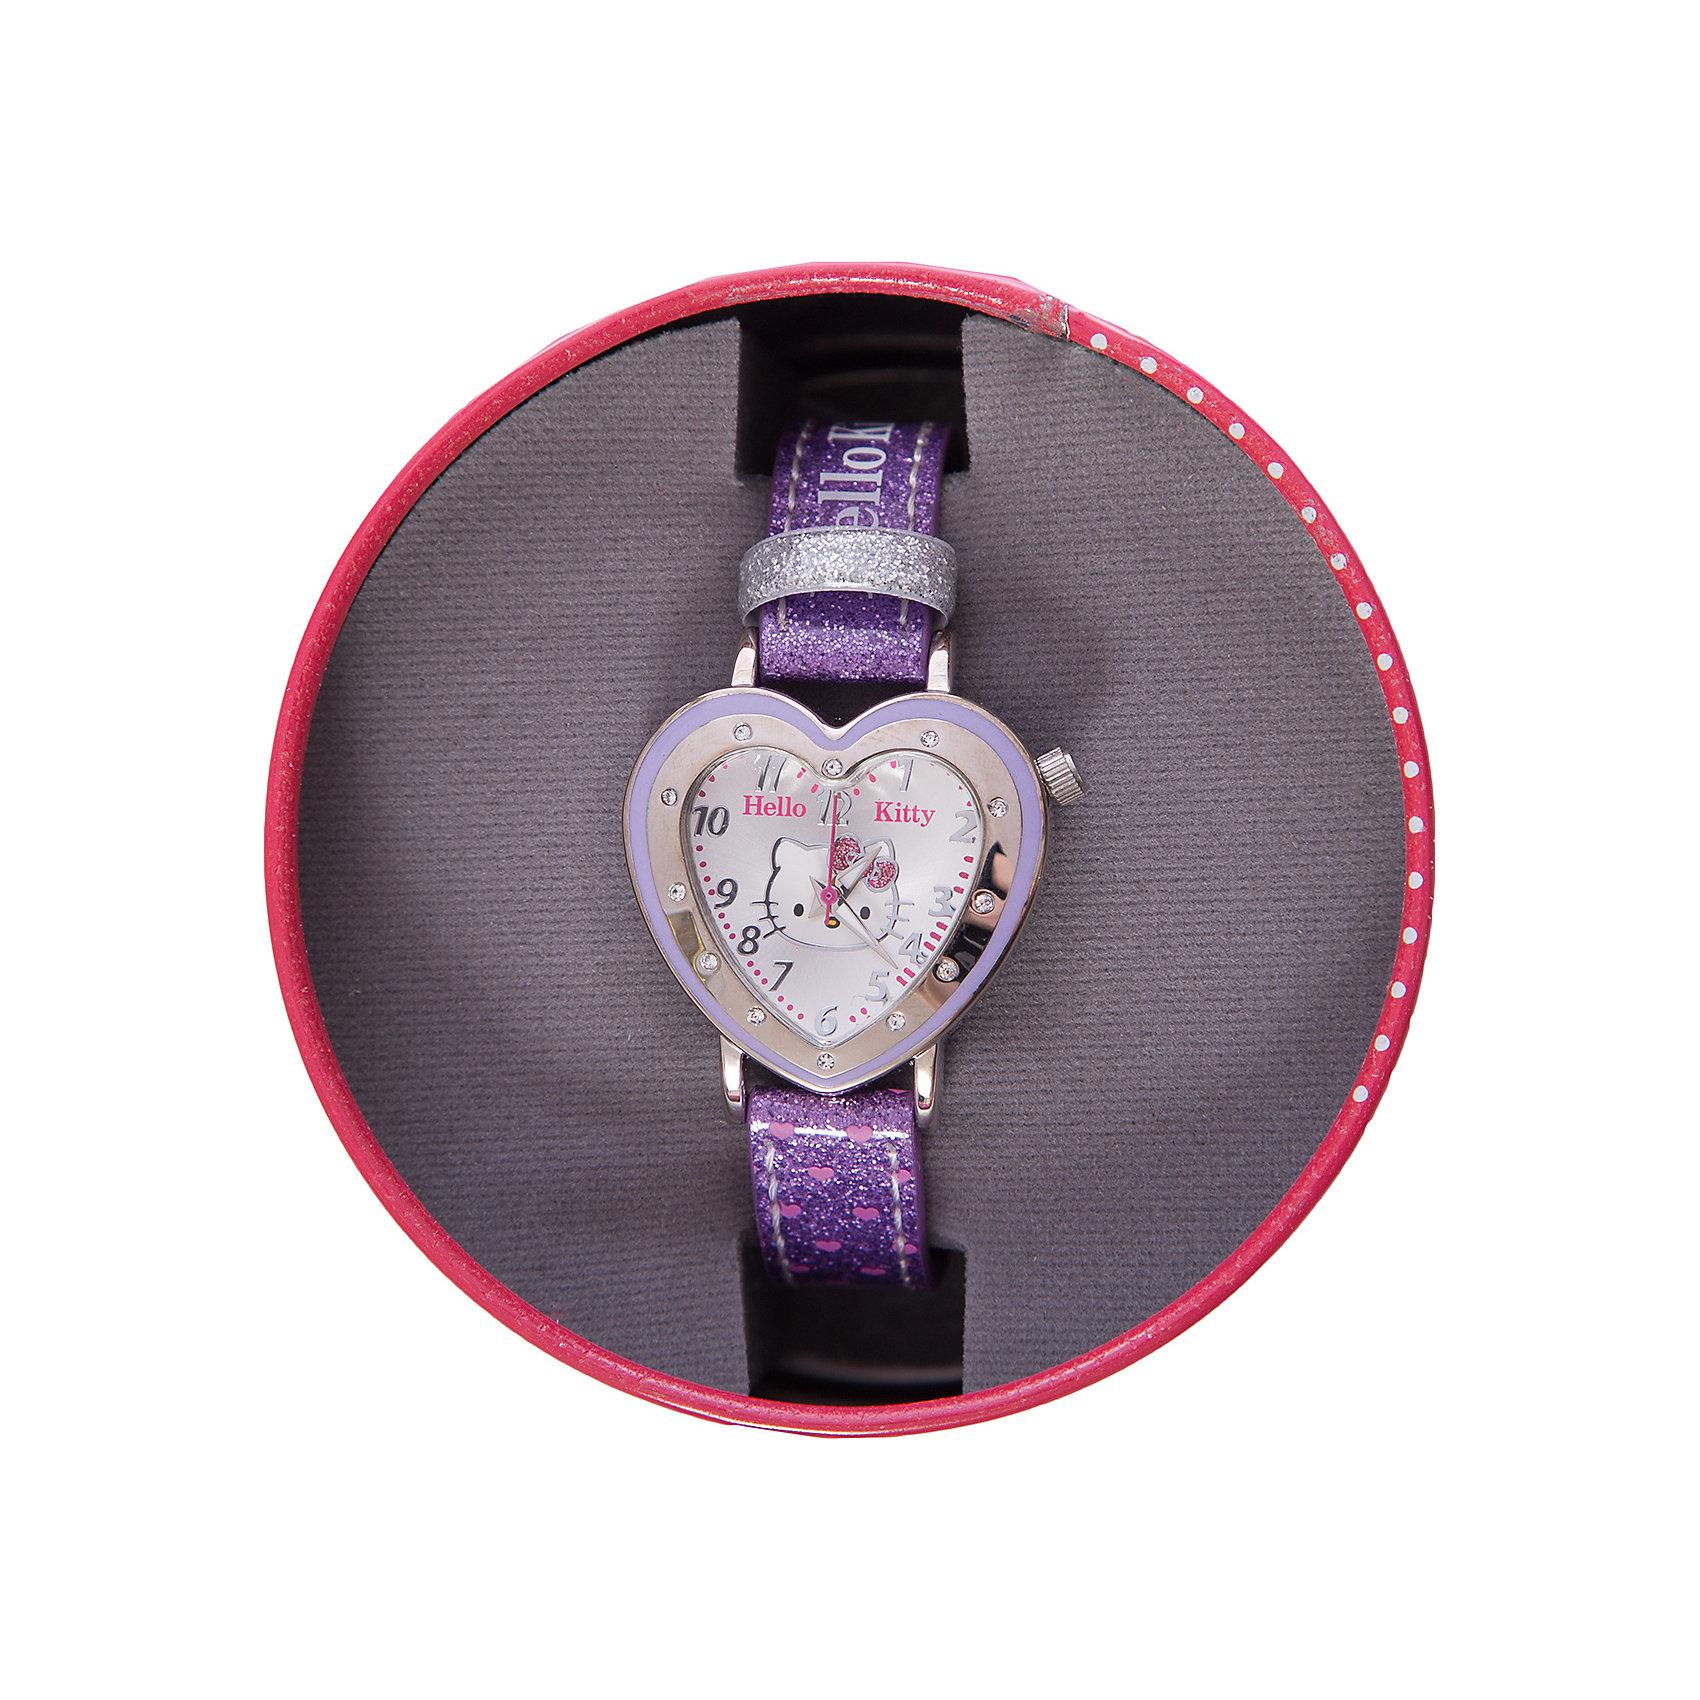 Часы наручные аналоговые, Hello KittyАксессуары<br>Эксклюзивные наручные аналоговые часы торговой марки Hello Kitty выполнены по индивидуальному дизайну ООО «Детское Время» и лицензии компании Sanrio. Обилие деталей - декоративных элементов (страз, мерцающих ремешков), надписей,  уникальных изображений - делают изделие тщательно продуманным творением мастеров. Часы имеют высококачественный японский кварцевый механизм и отличаются надежностью и точностью хода. Часы водоустойчивы и обладают достаточной герметичностью, чтобы спокойно перенести случайный и незначительный контакт с жидкостями (дождь, брызги), но они не предназначены для плавания или погружения в воду. Циферблат защищен от повреждений прочным минеральным стеклом. Корпус часов выполнен из стали,  задняя крышка из нержавеющей стали. Материал браслета: искусственная кожа. Единица товара упаковывается в стильную подарочную коробочку. Неповторимый стиль с изобилием насыщенных и в тоже время нежных гамм; надежность и прочность изделия позволяют говорить о нем только в превосходной степени!<br><br>Ширина мм: 55<br>Глубина мм: 10<br>Высота мм: 250<br>Вес г: 27<br>Возраст от месяцев: 36<br>Возраст до месяцев: 72<br>Пол: Женский<br>Возраст: Детский<br>SKU: 5529332